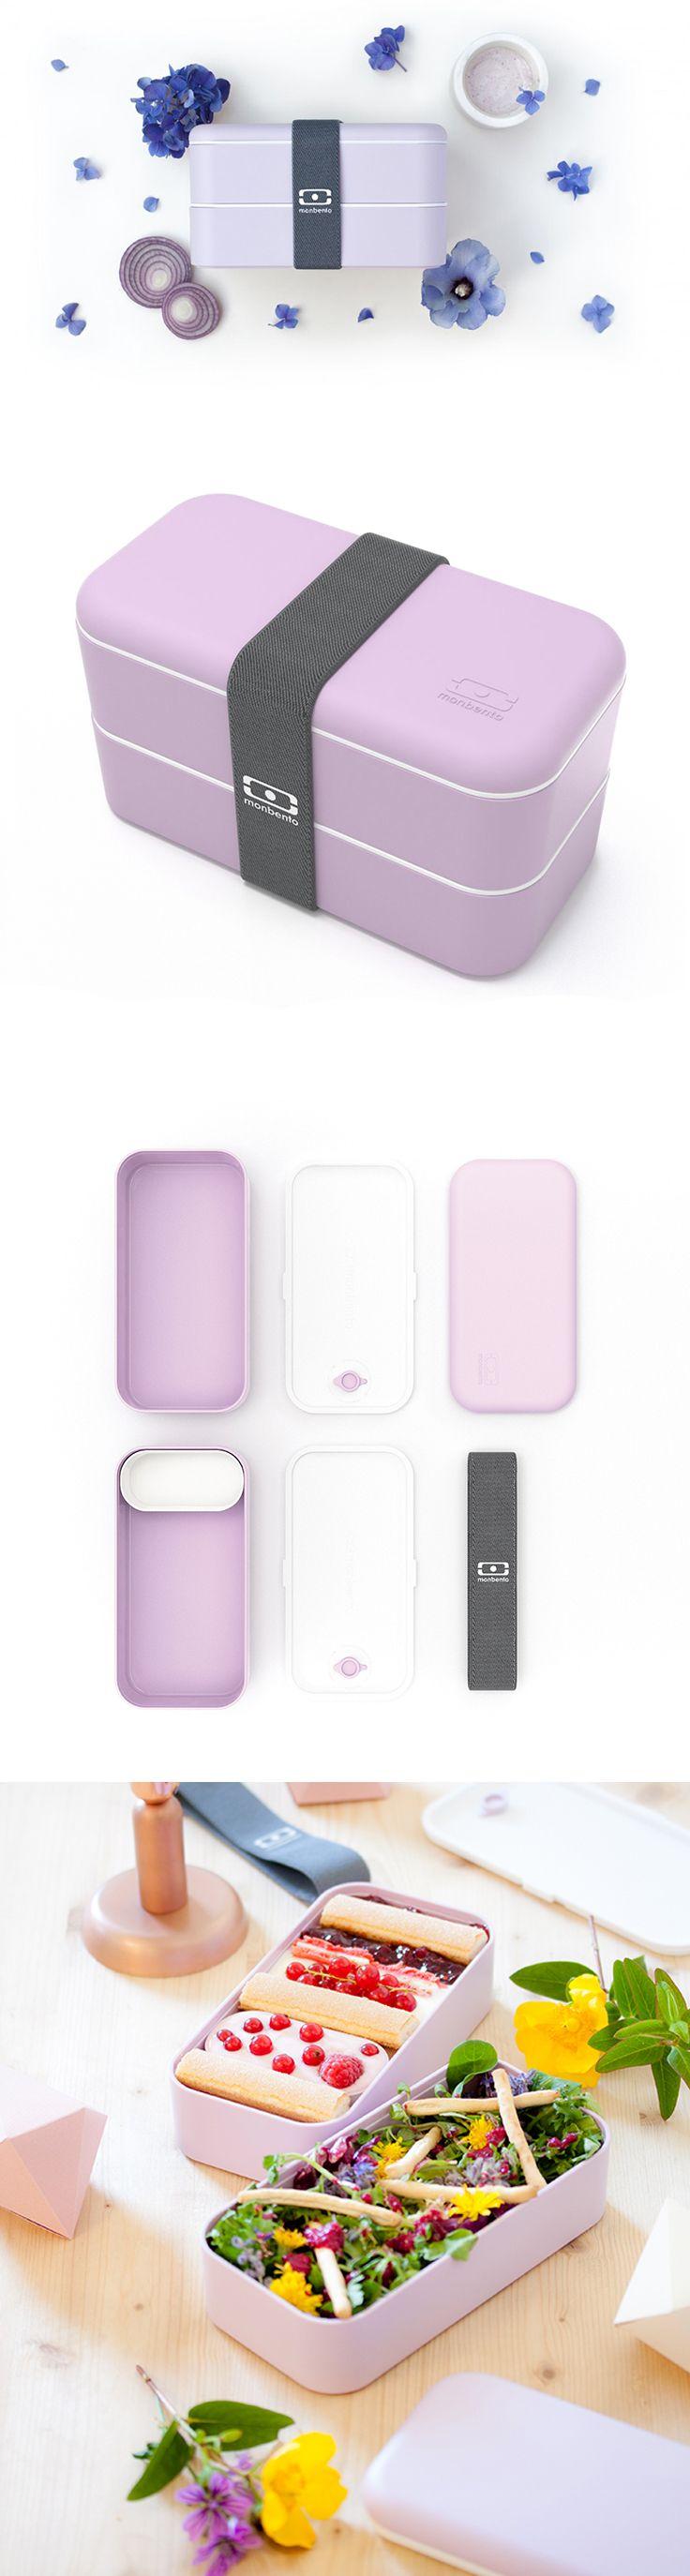 Svačinové boxy jsou vzduchotěsné, každý s vlastním víčkem. Široká elastická páska drží boxy bezpečně u sebe. Moderní design se soft-touch úpravou. Do víčka lze umístit příbor od MonBento. Objem 1000 ml.